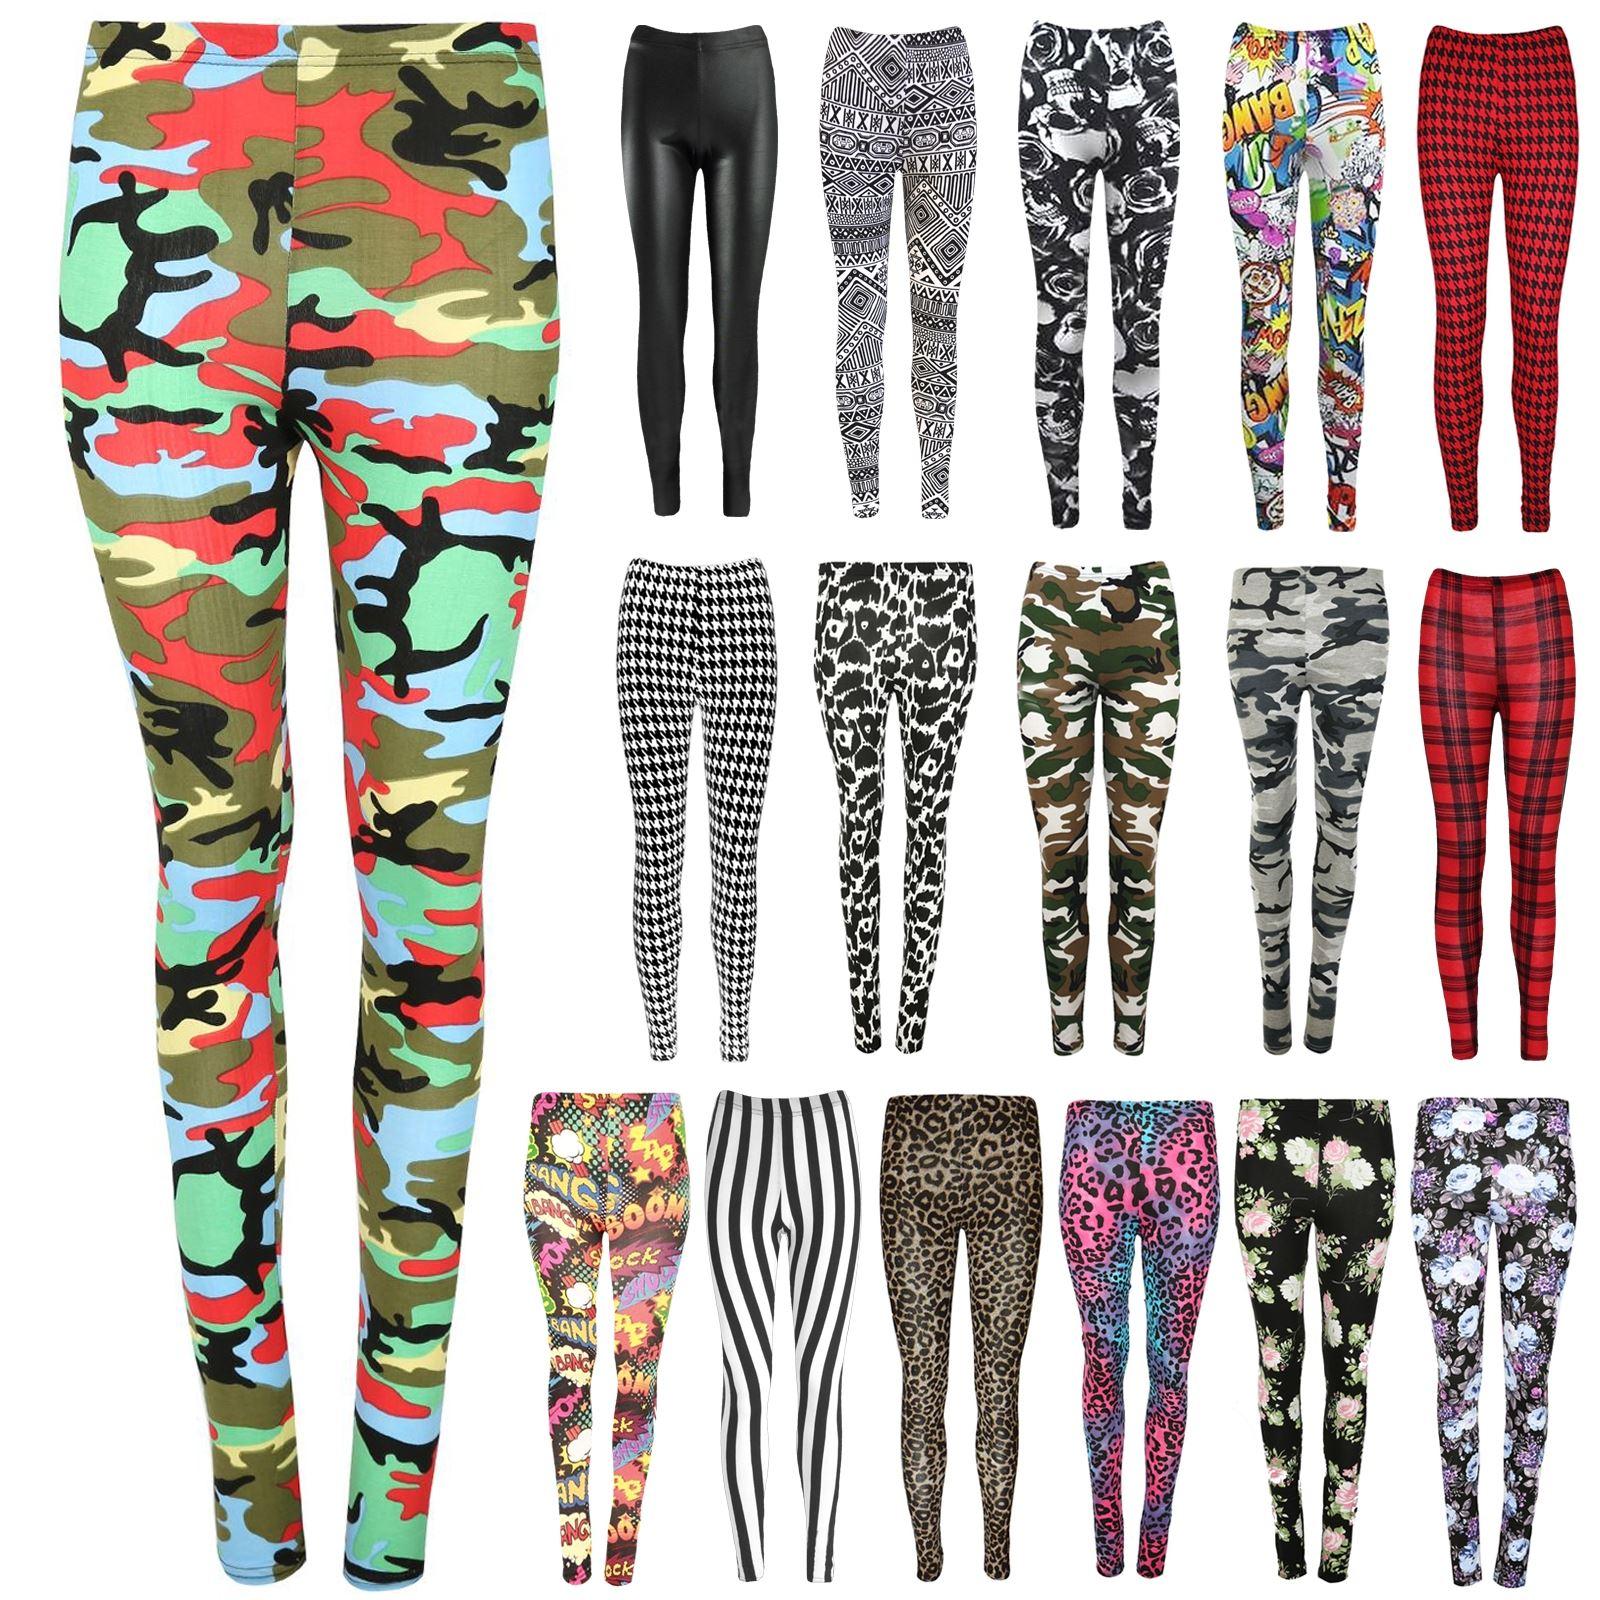 New Ladies Army Grey Printed Full Length Stretchy Skinny Slim Fit Leggings Pants